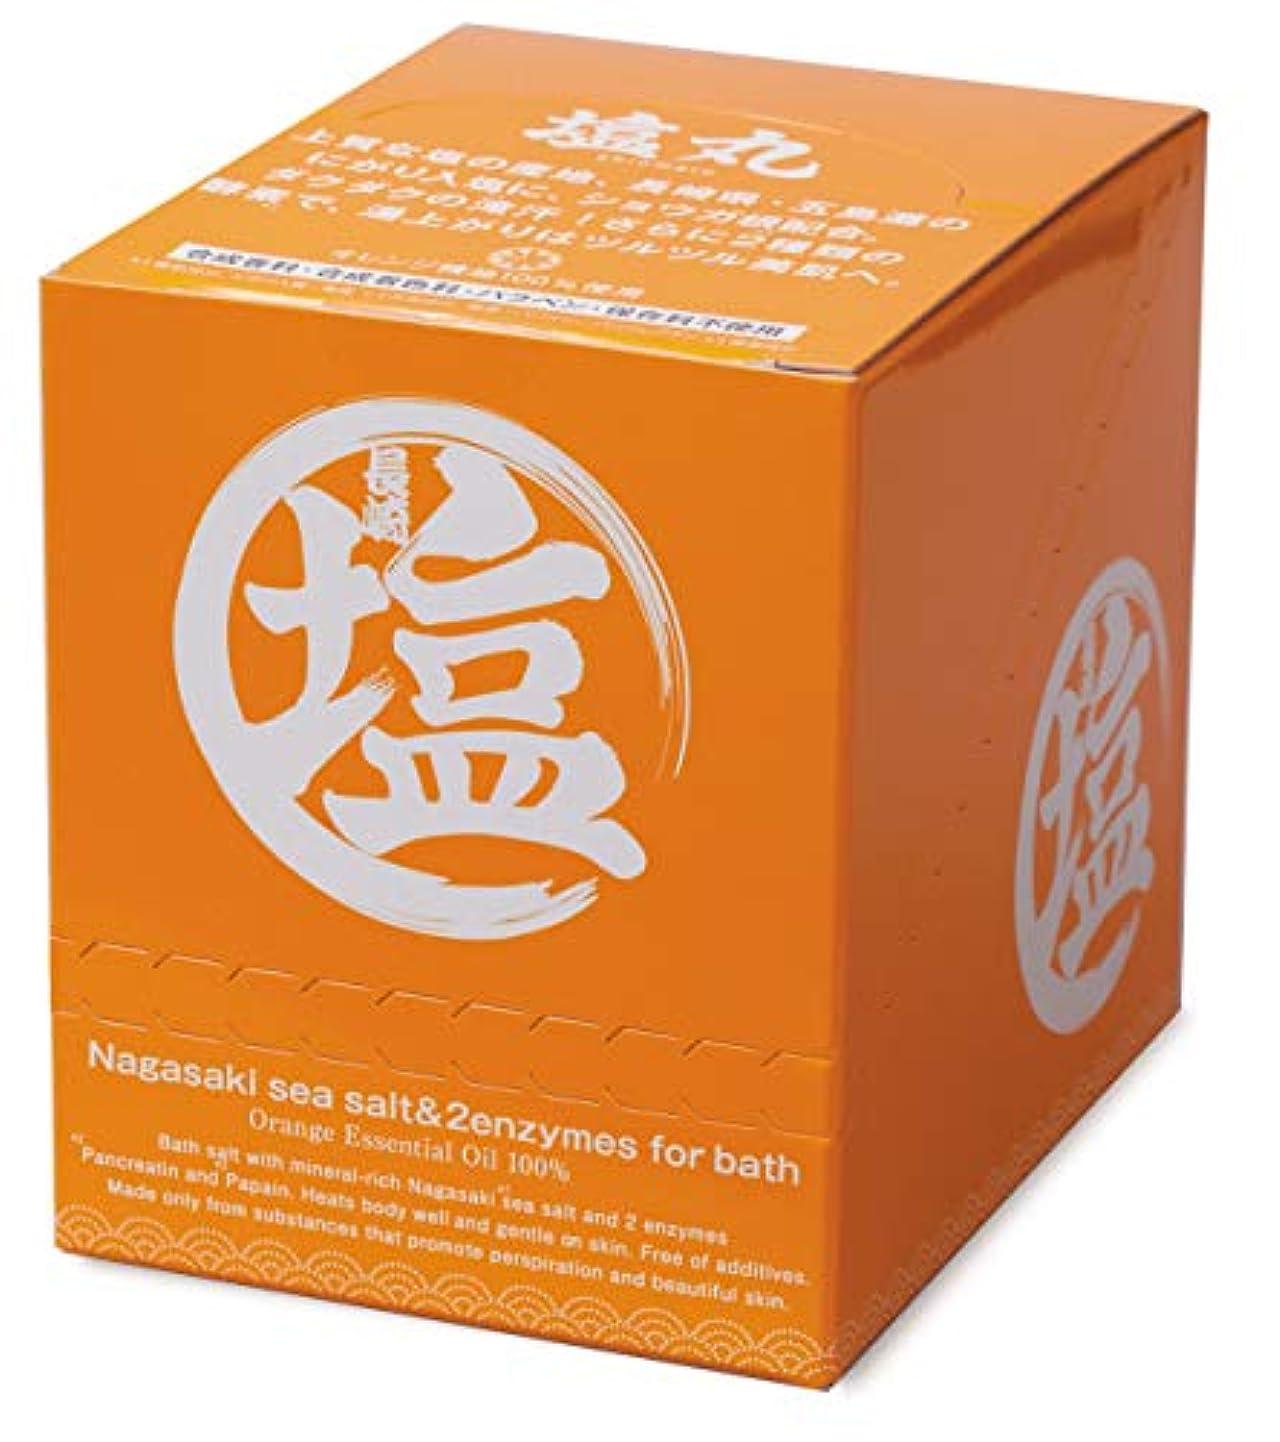 ストリームコンプリートおもちゃ(塩丸)長崎産にがり入海塩入浴剤(40g×12包入)オレンジ精油/合成香料?合成着色料?保存料不使用